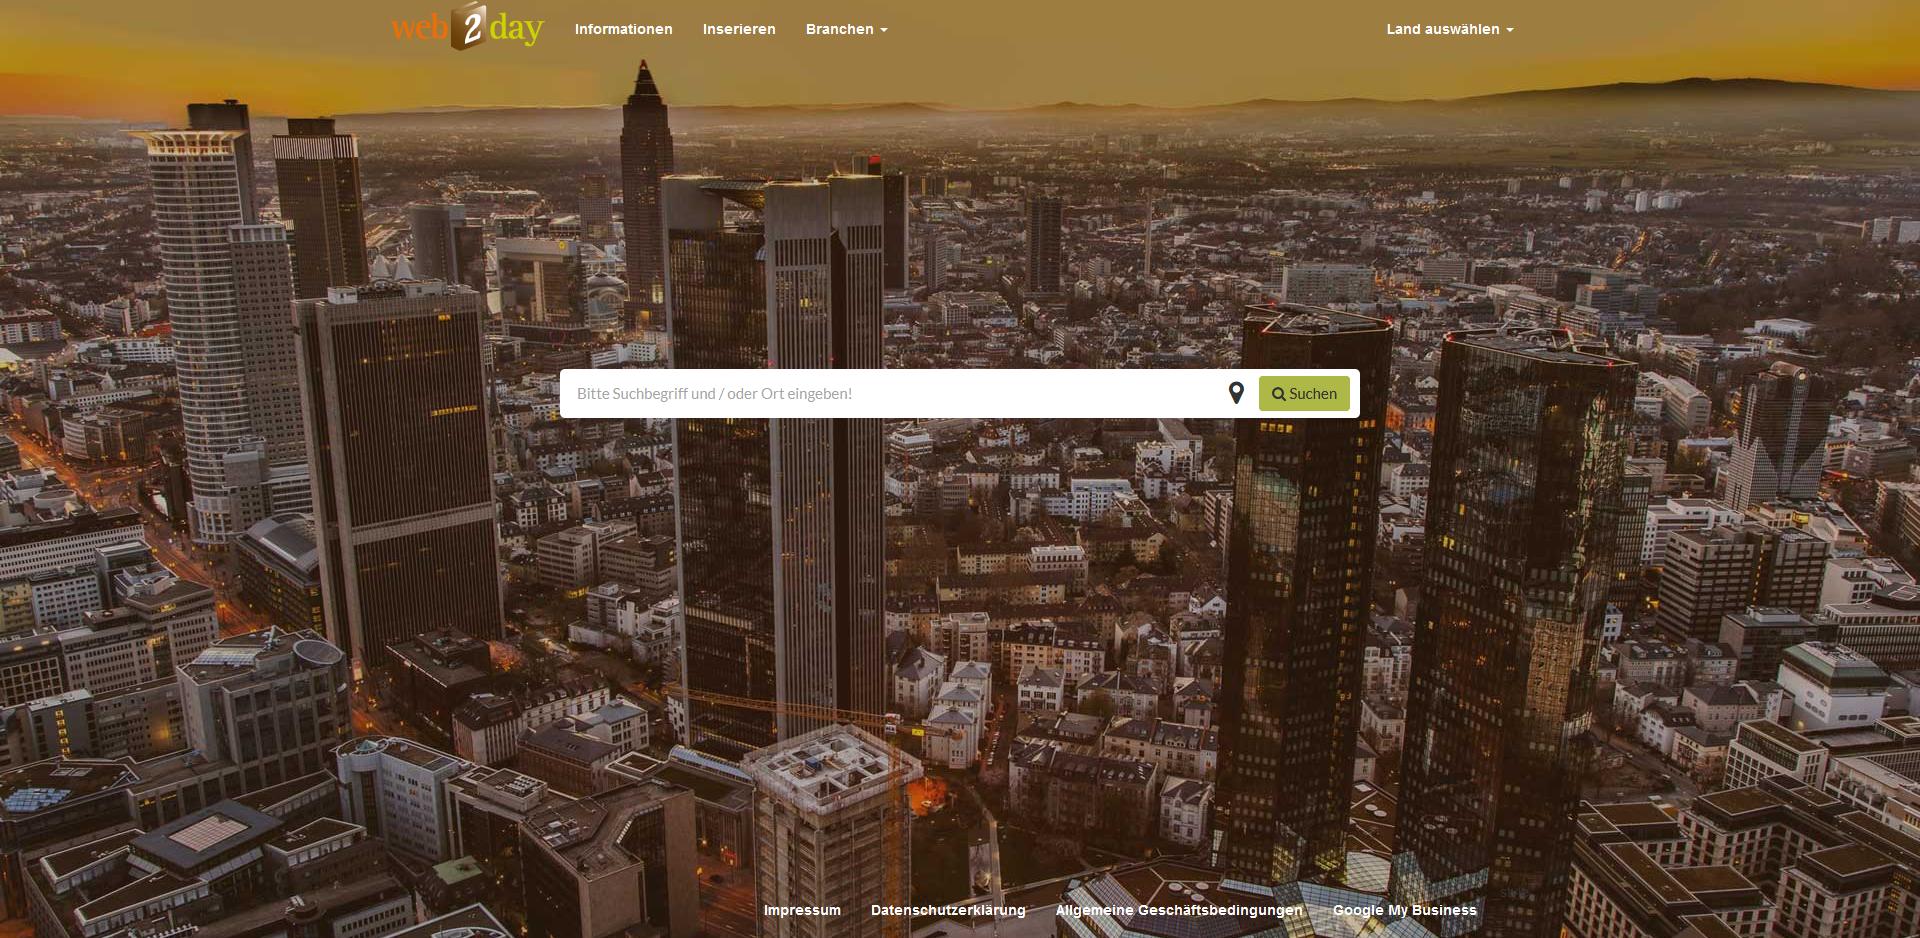 Homepage von web2day